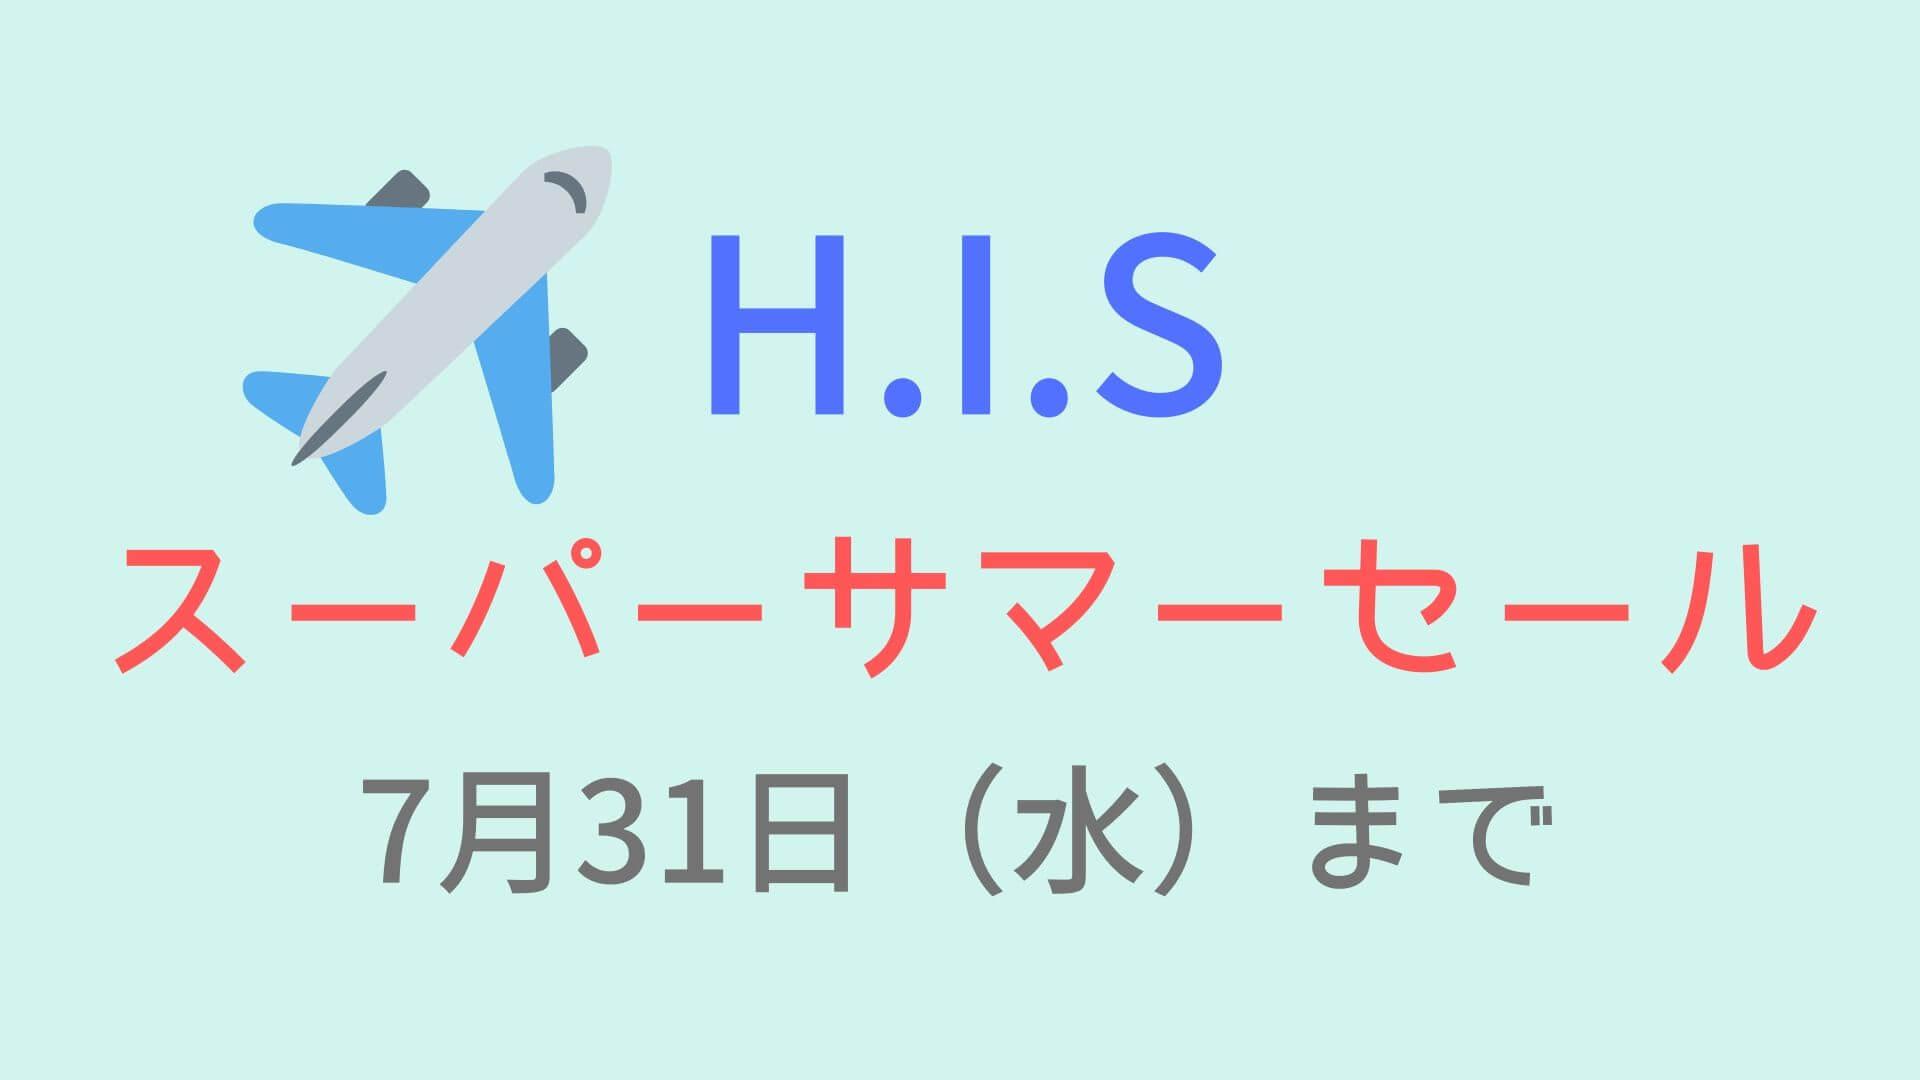 【H.I.S.】スーパーサマーセール 海外ツアーが安すぎるので絶対チェックした方がいい